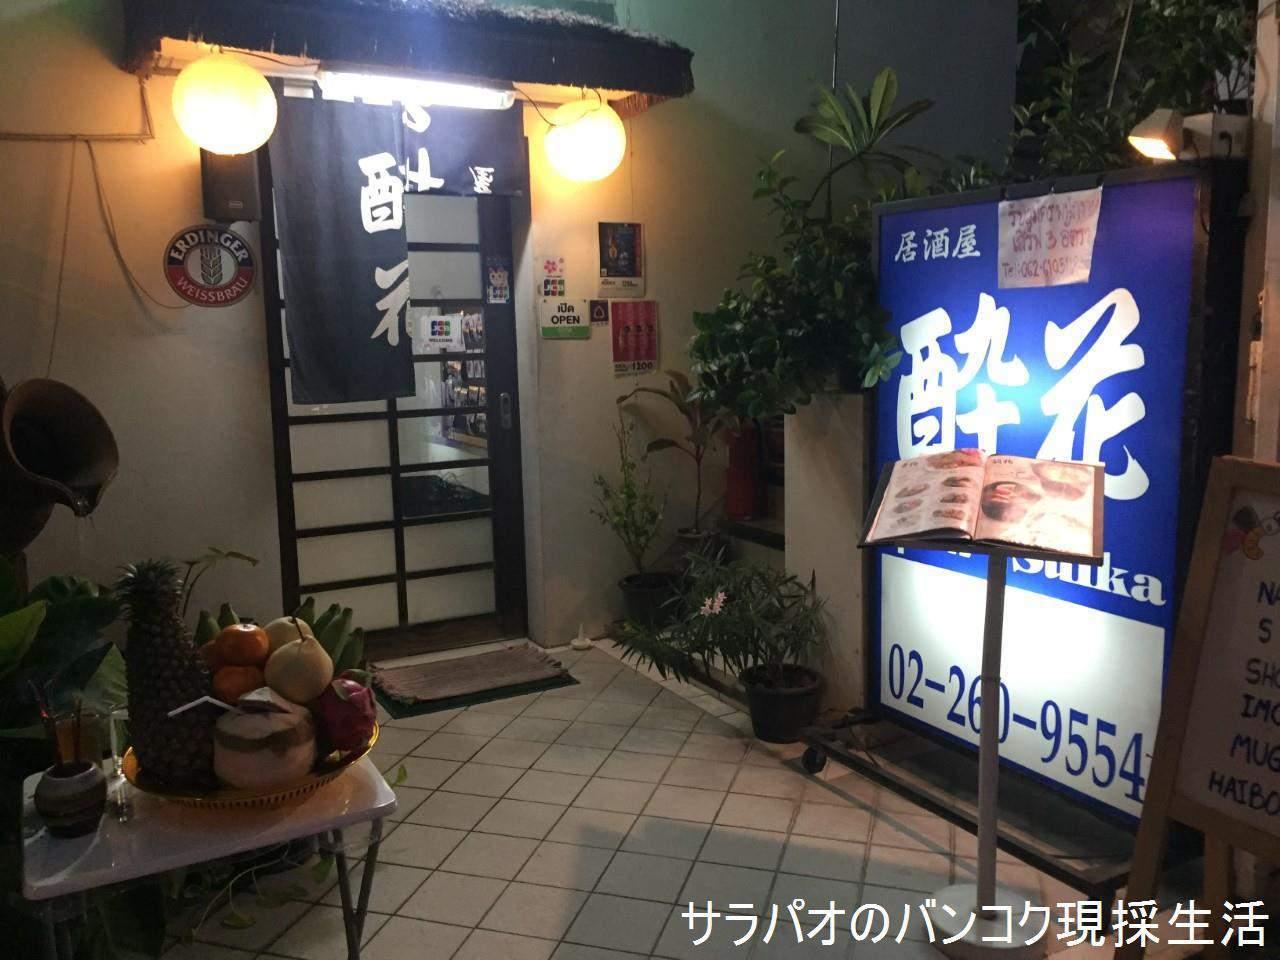 Suika_02.jpg